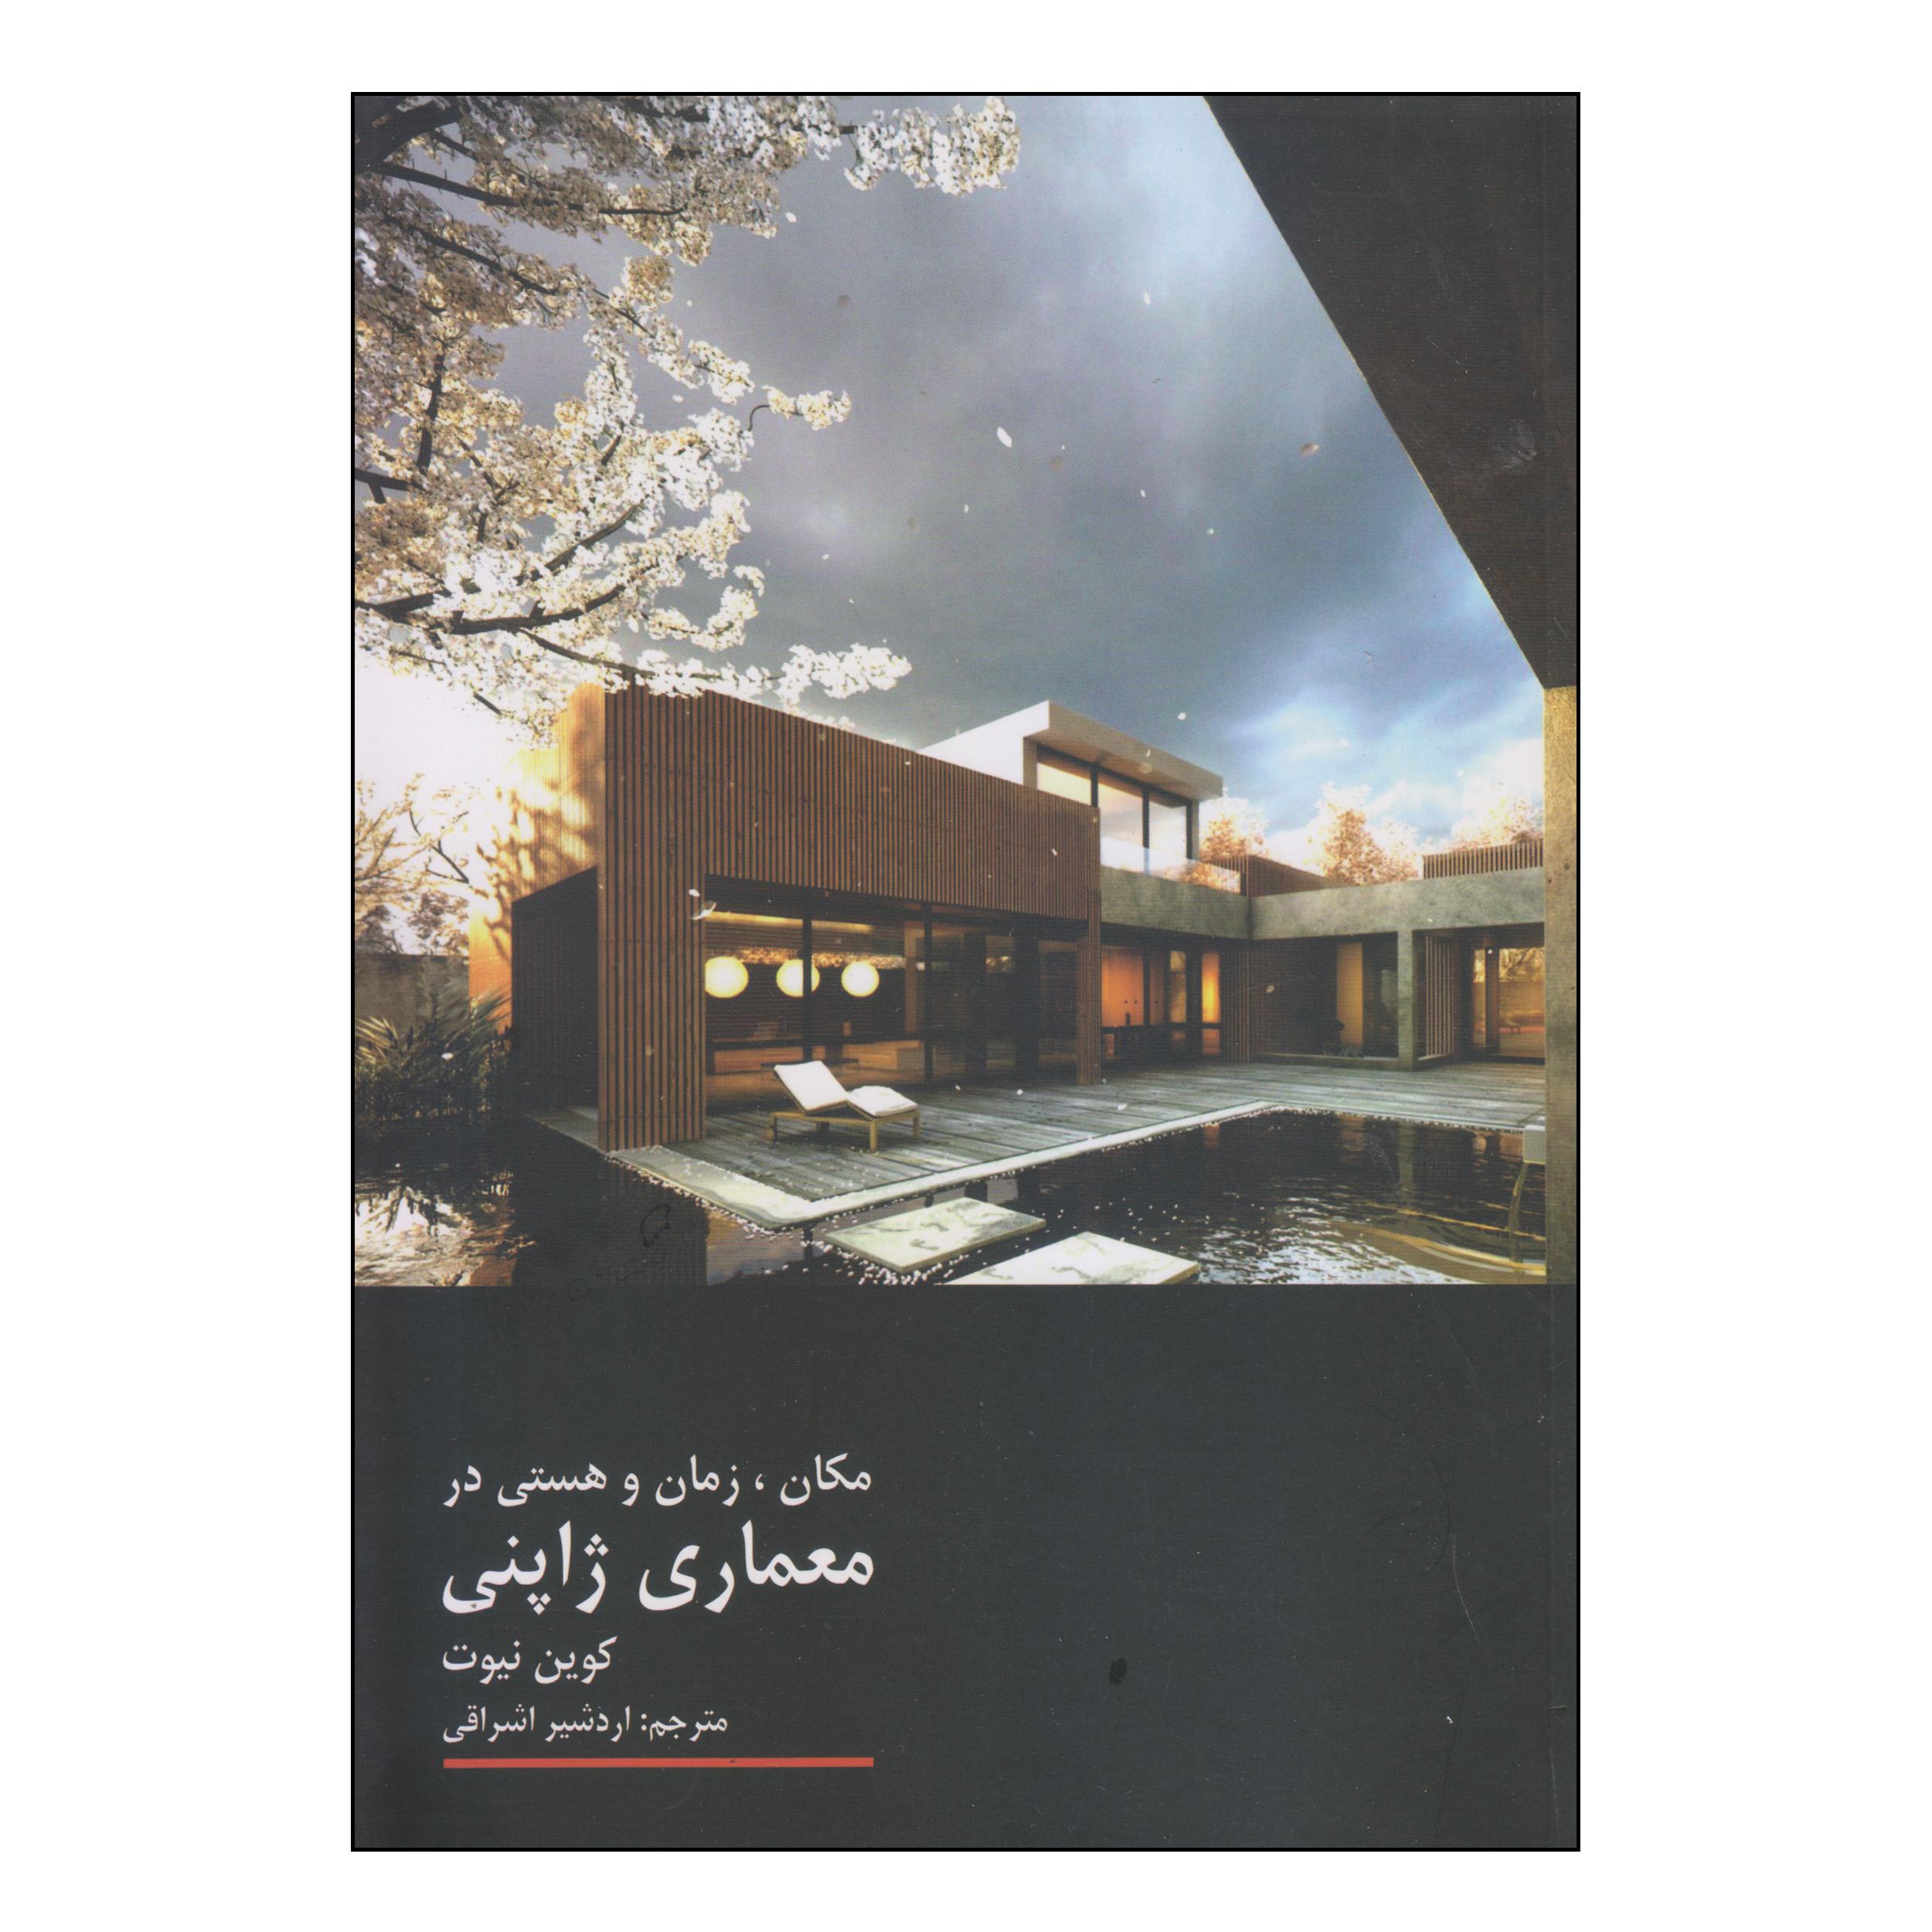 کتاب مکان، زمان و هستی در معماری ژاپنی اثر کوین نیوت نشر فرهنگستان هنر